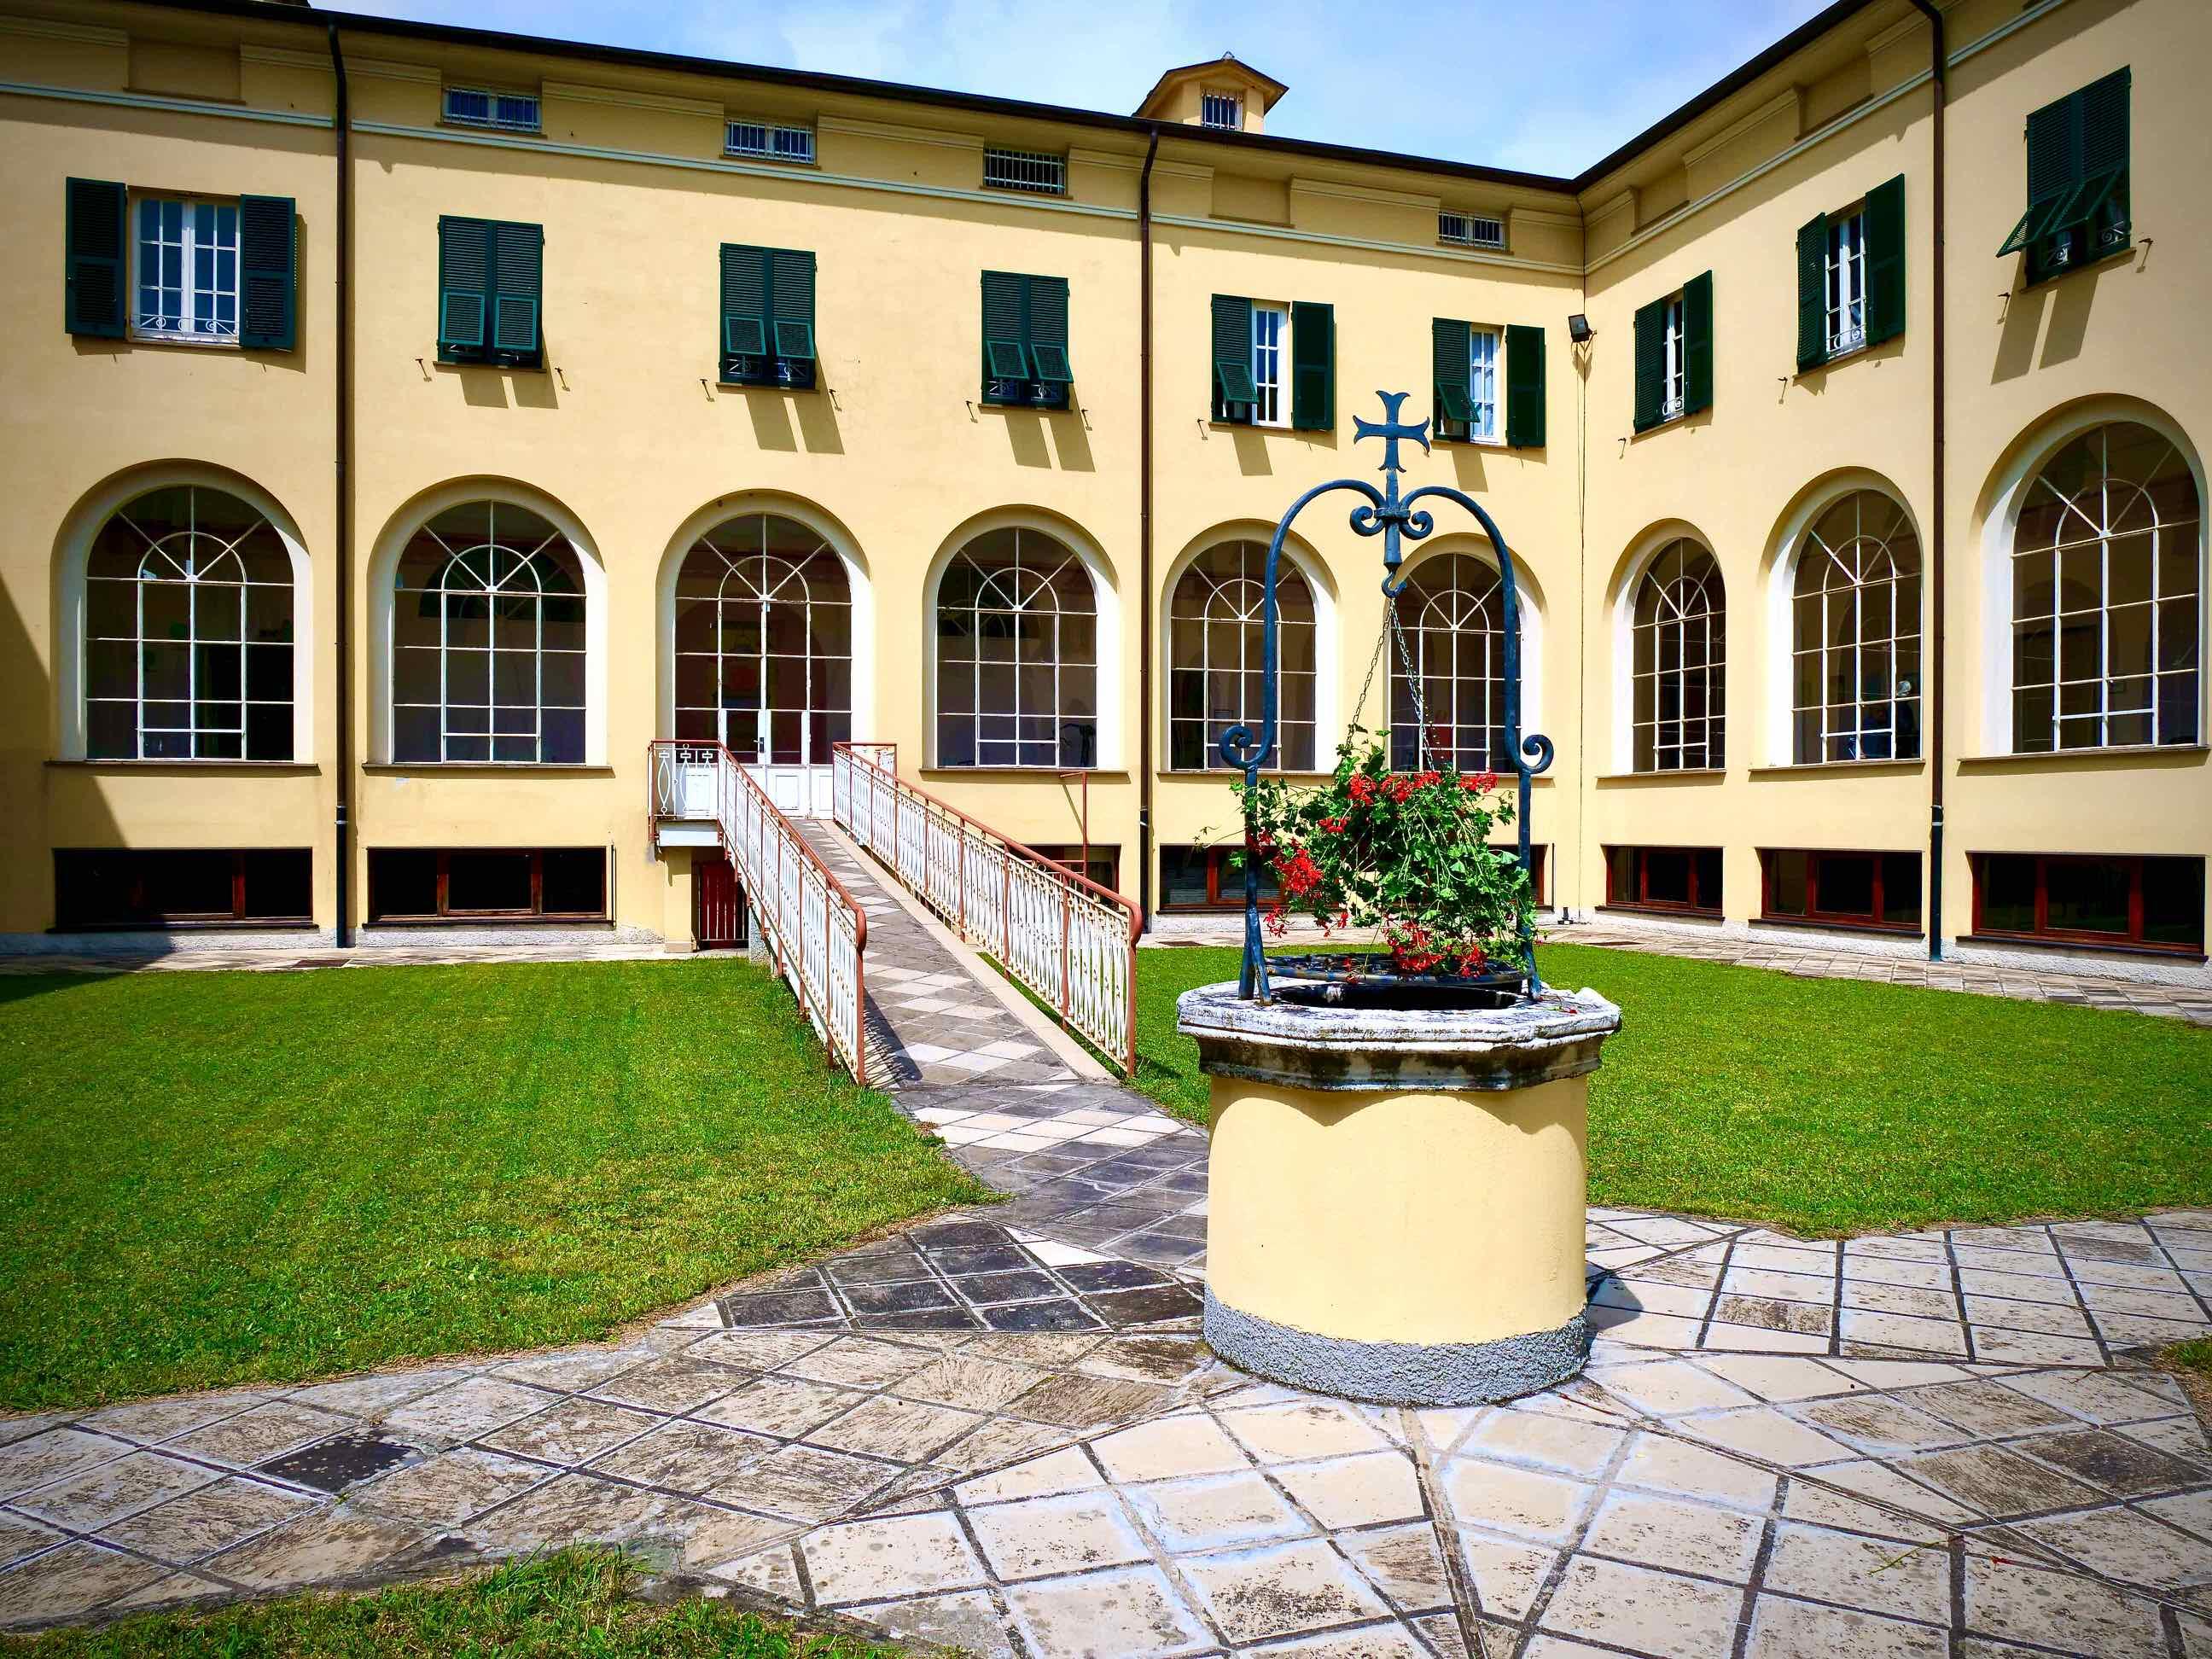 Centro Benedetto Acquarone - Villaggio del Ragazzo - Chiostro con prospettiva pozzo